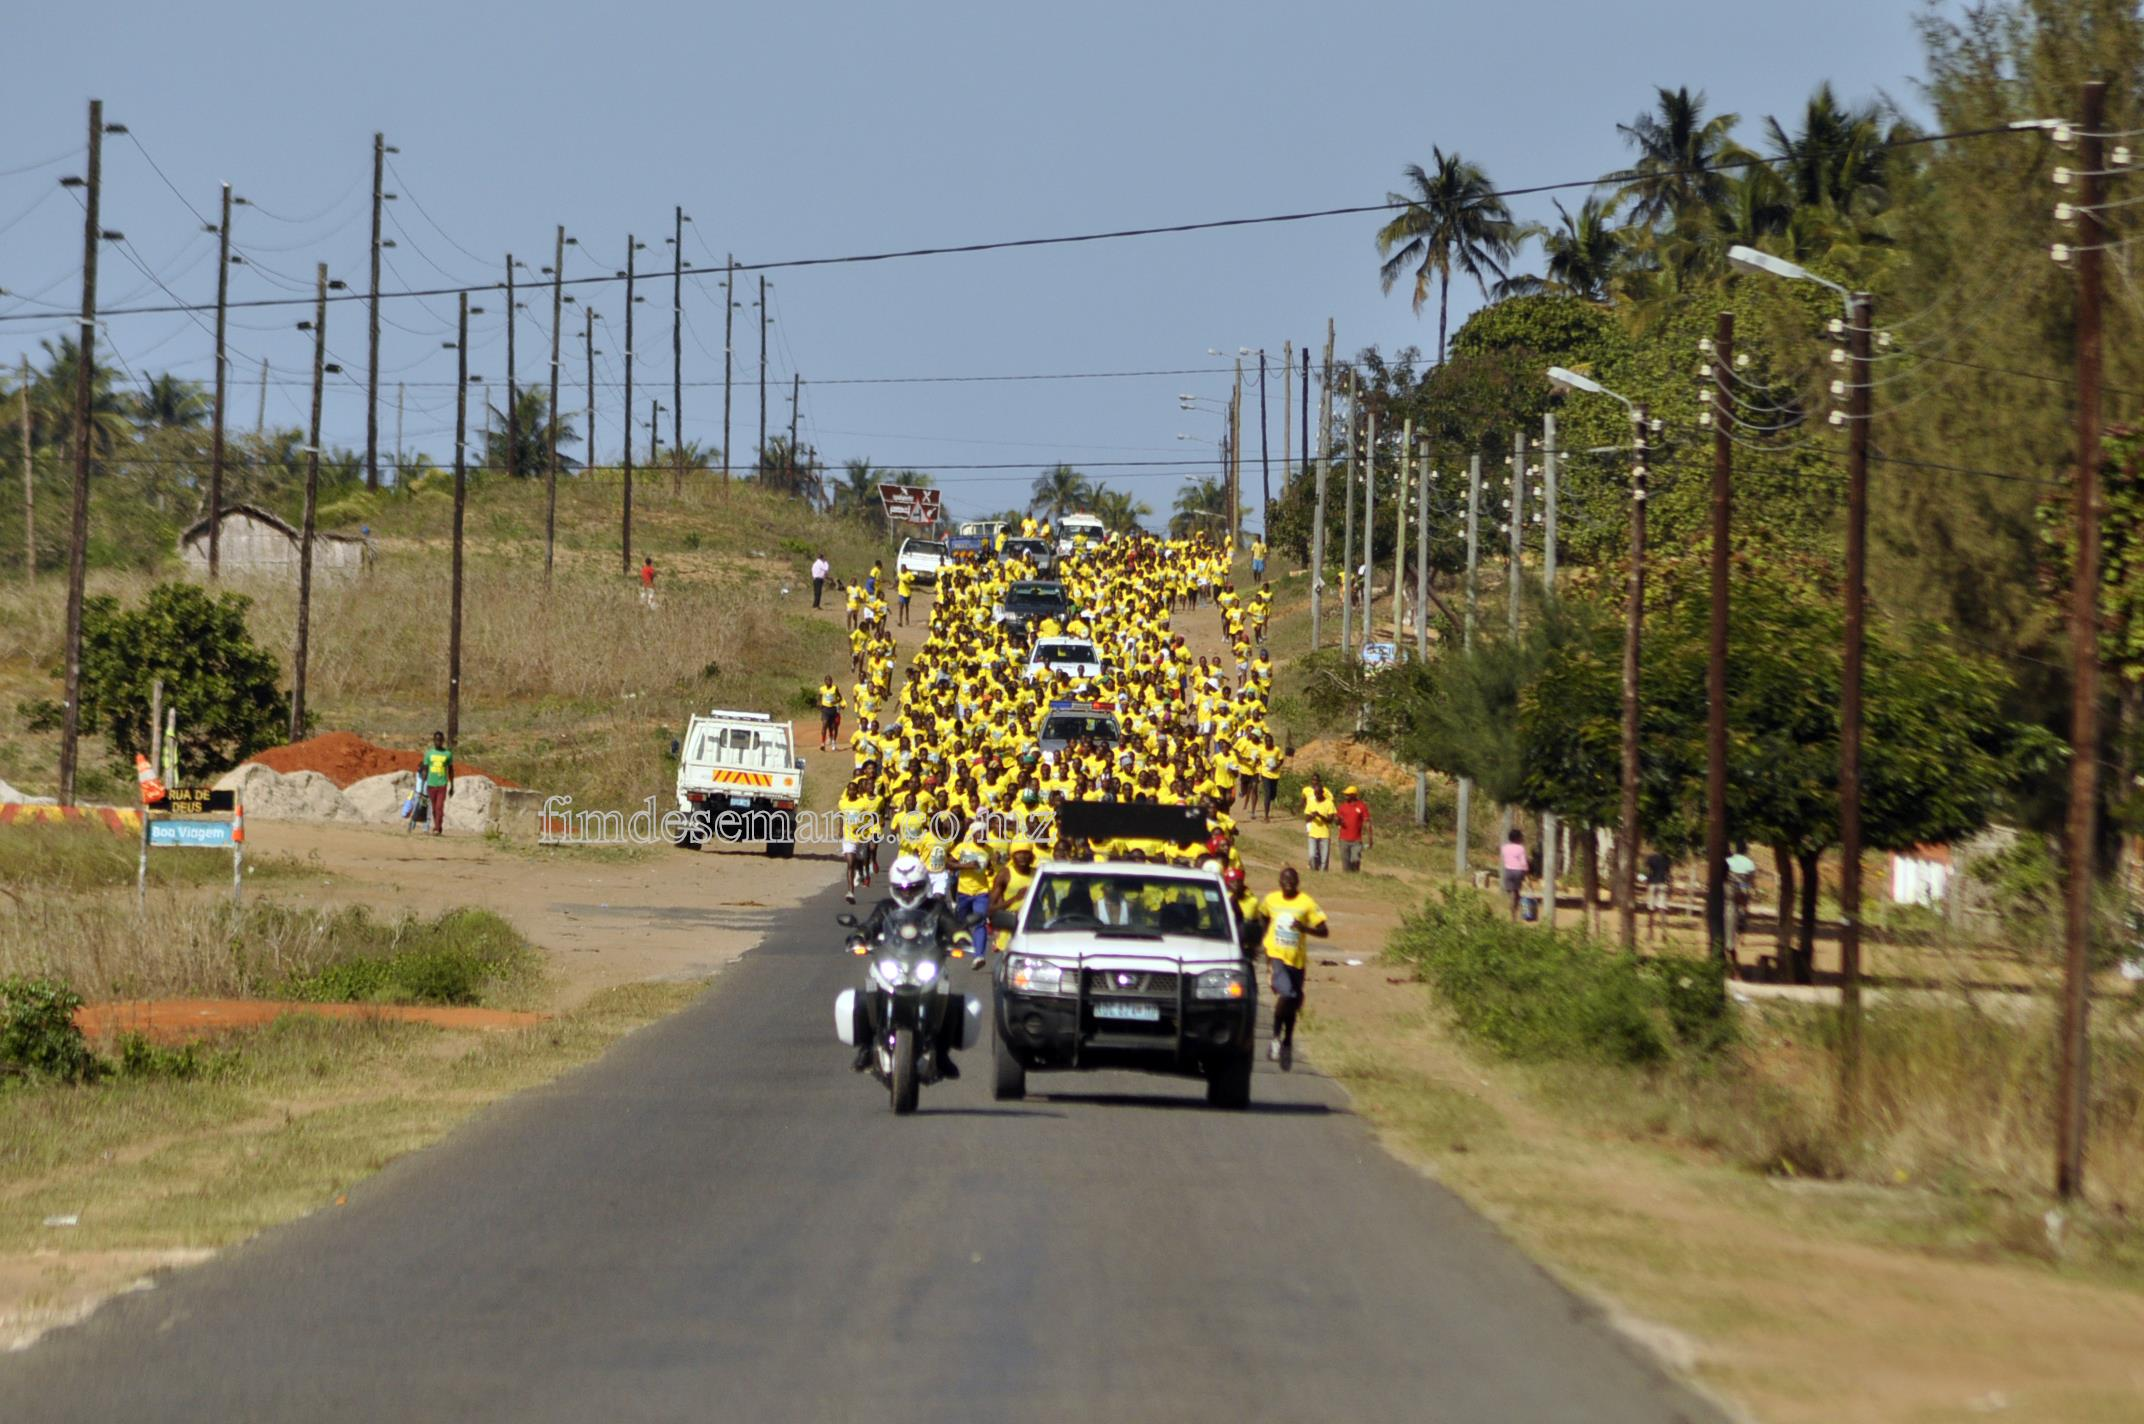 Adesão Légua mcel  celebrada entre a mcel-Moçambique Celular e a Federação Moçambicana de Atletismo (FMA)